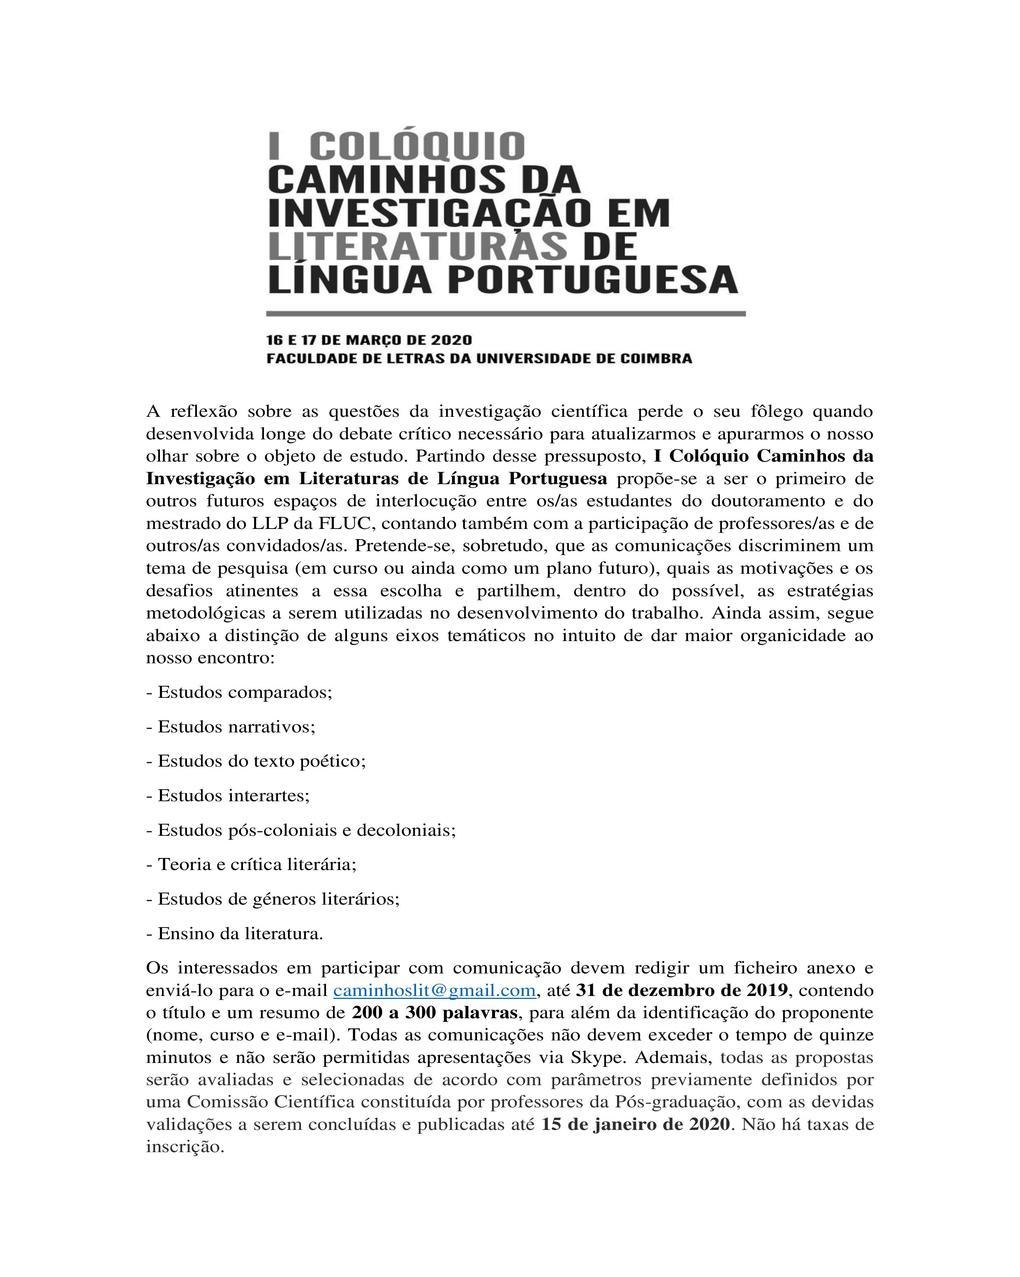 1º Colóquio Caminhos da Investigação em Literaturas de Língua Portuguesa_cartaz